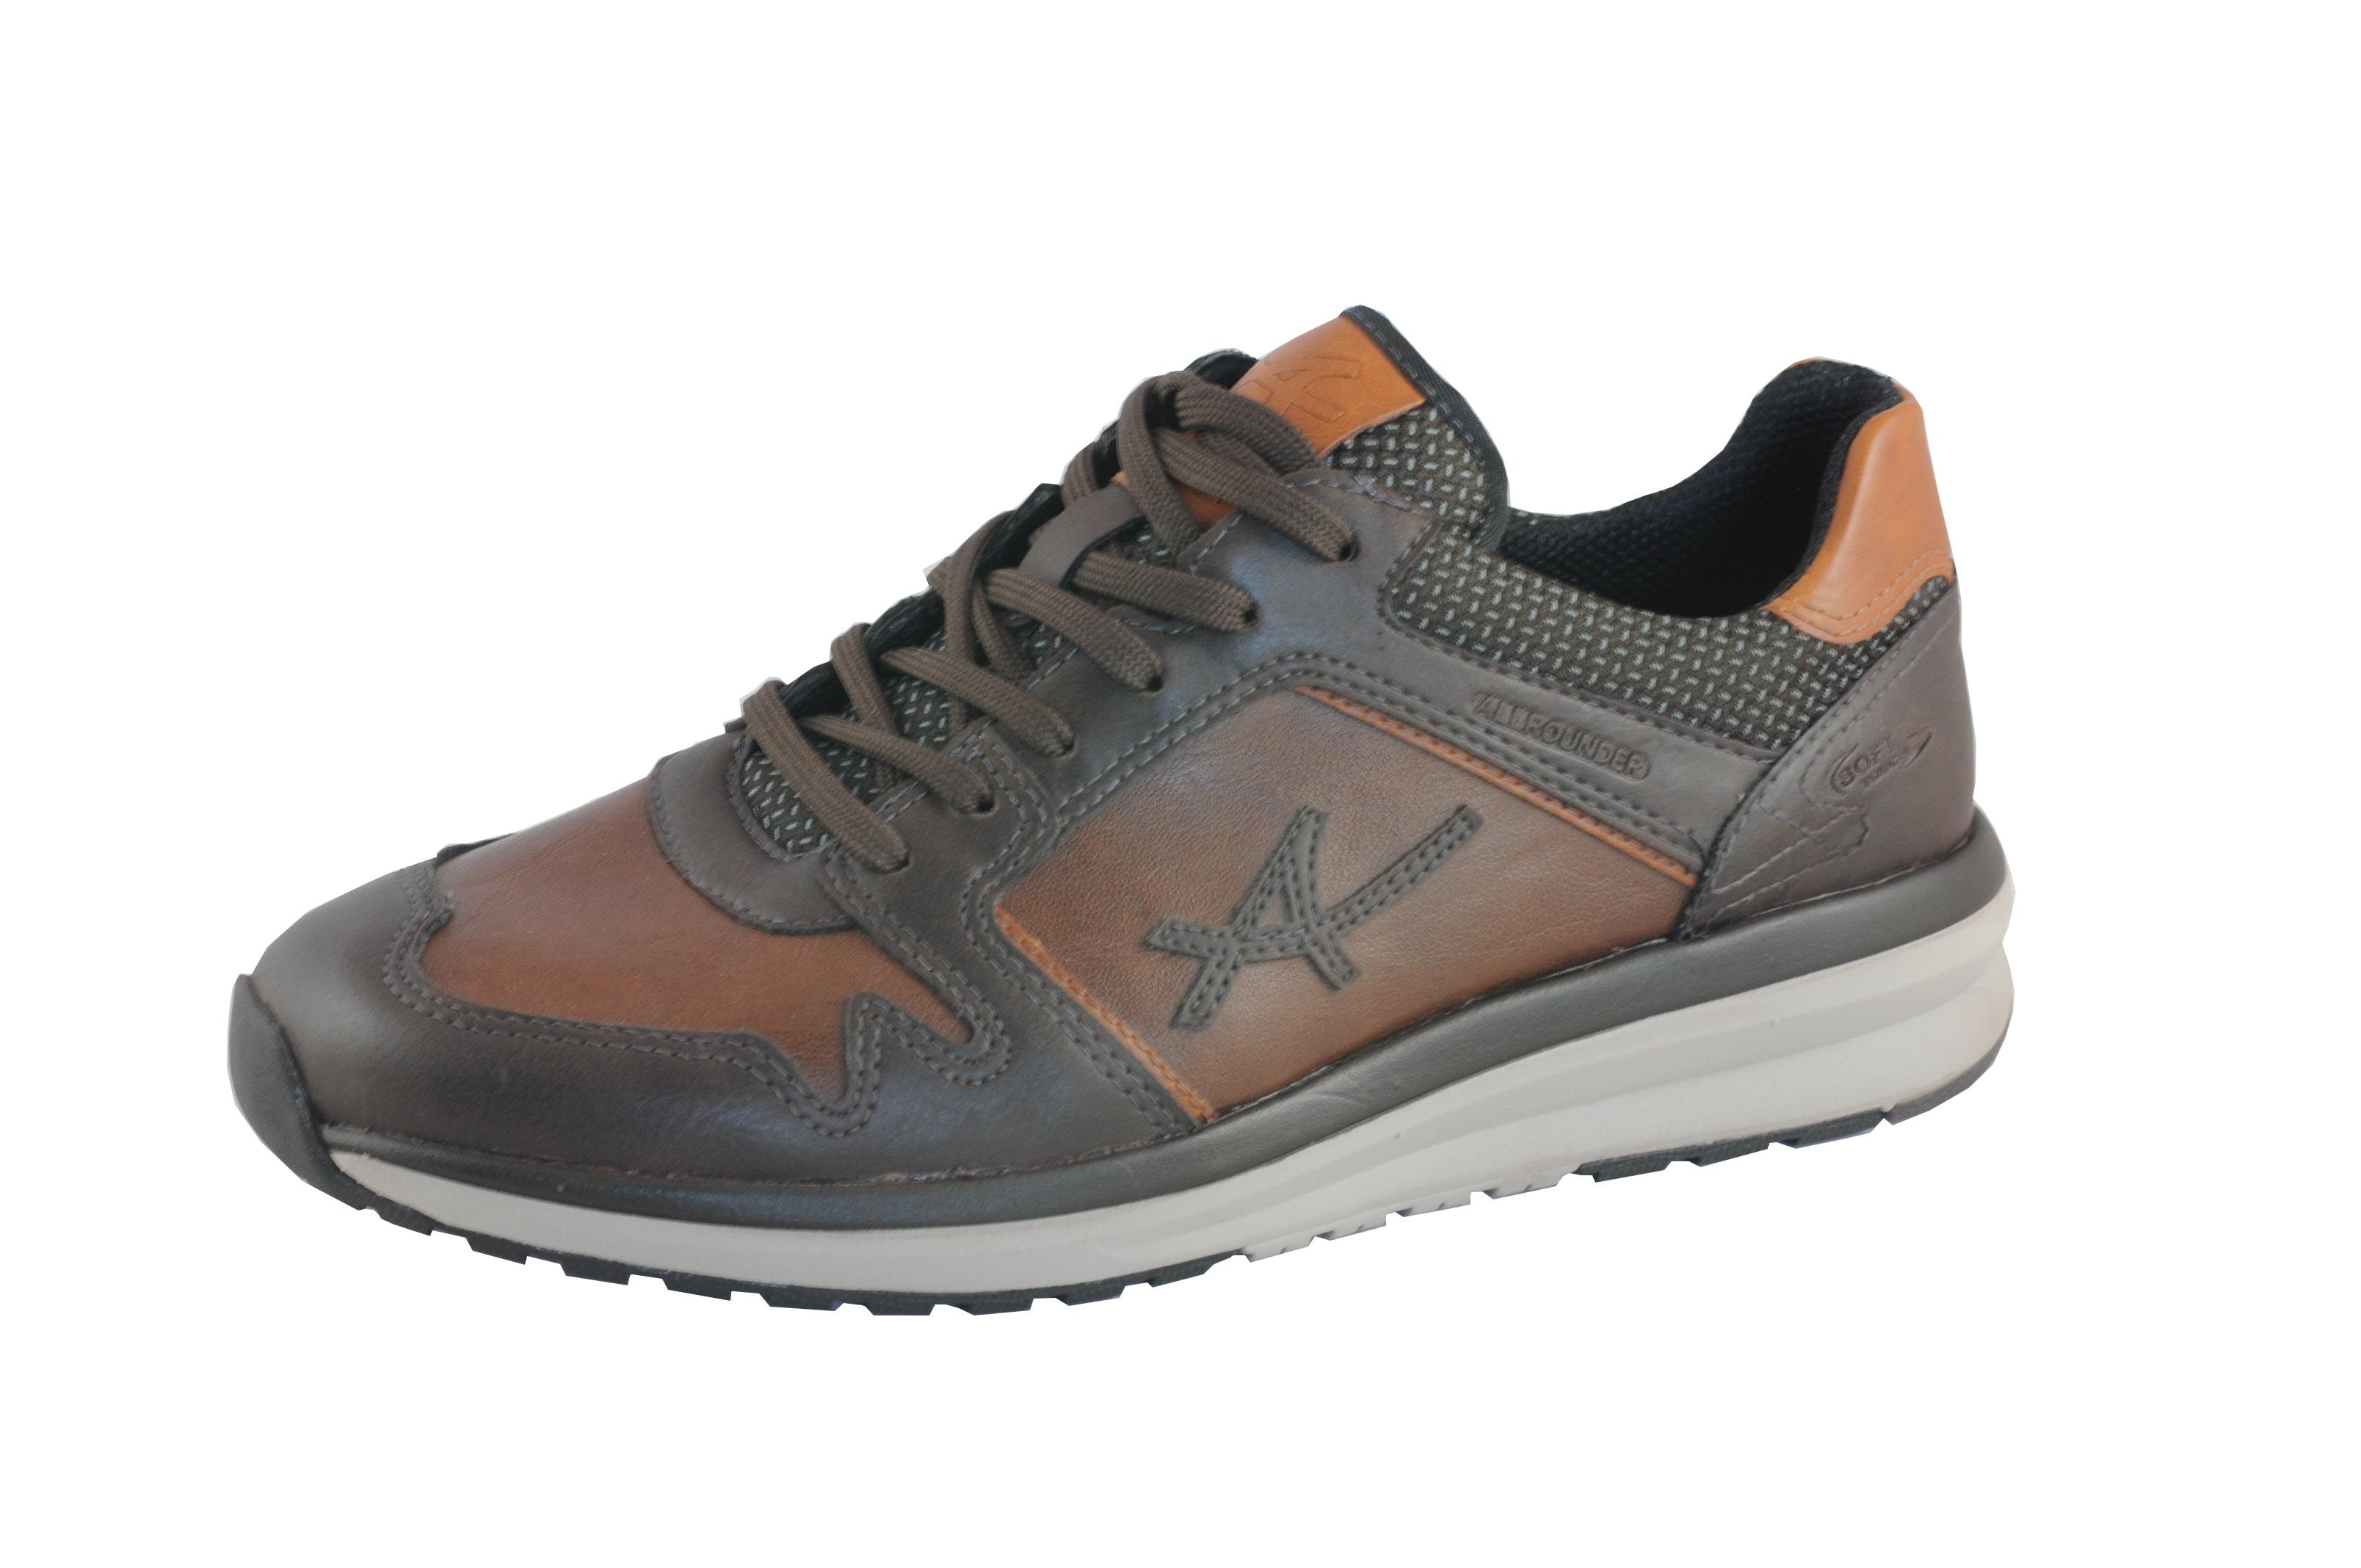 Schuh Ober Allrounder Herren Schuhe EL PASO online kaufen ZU10r